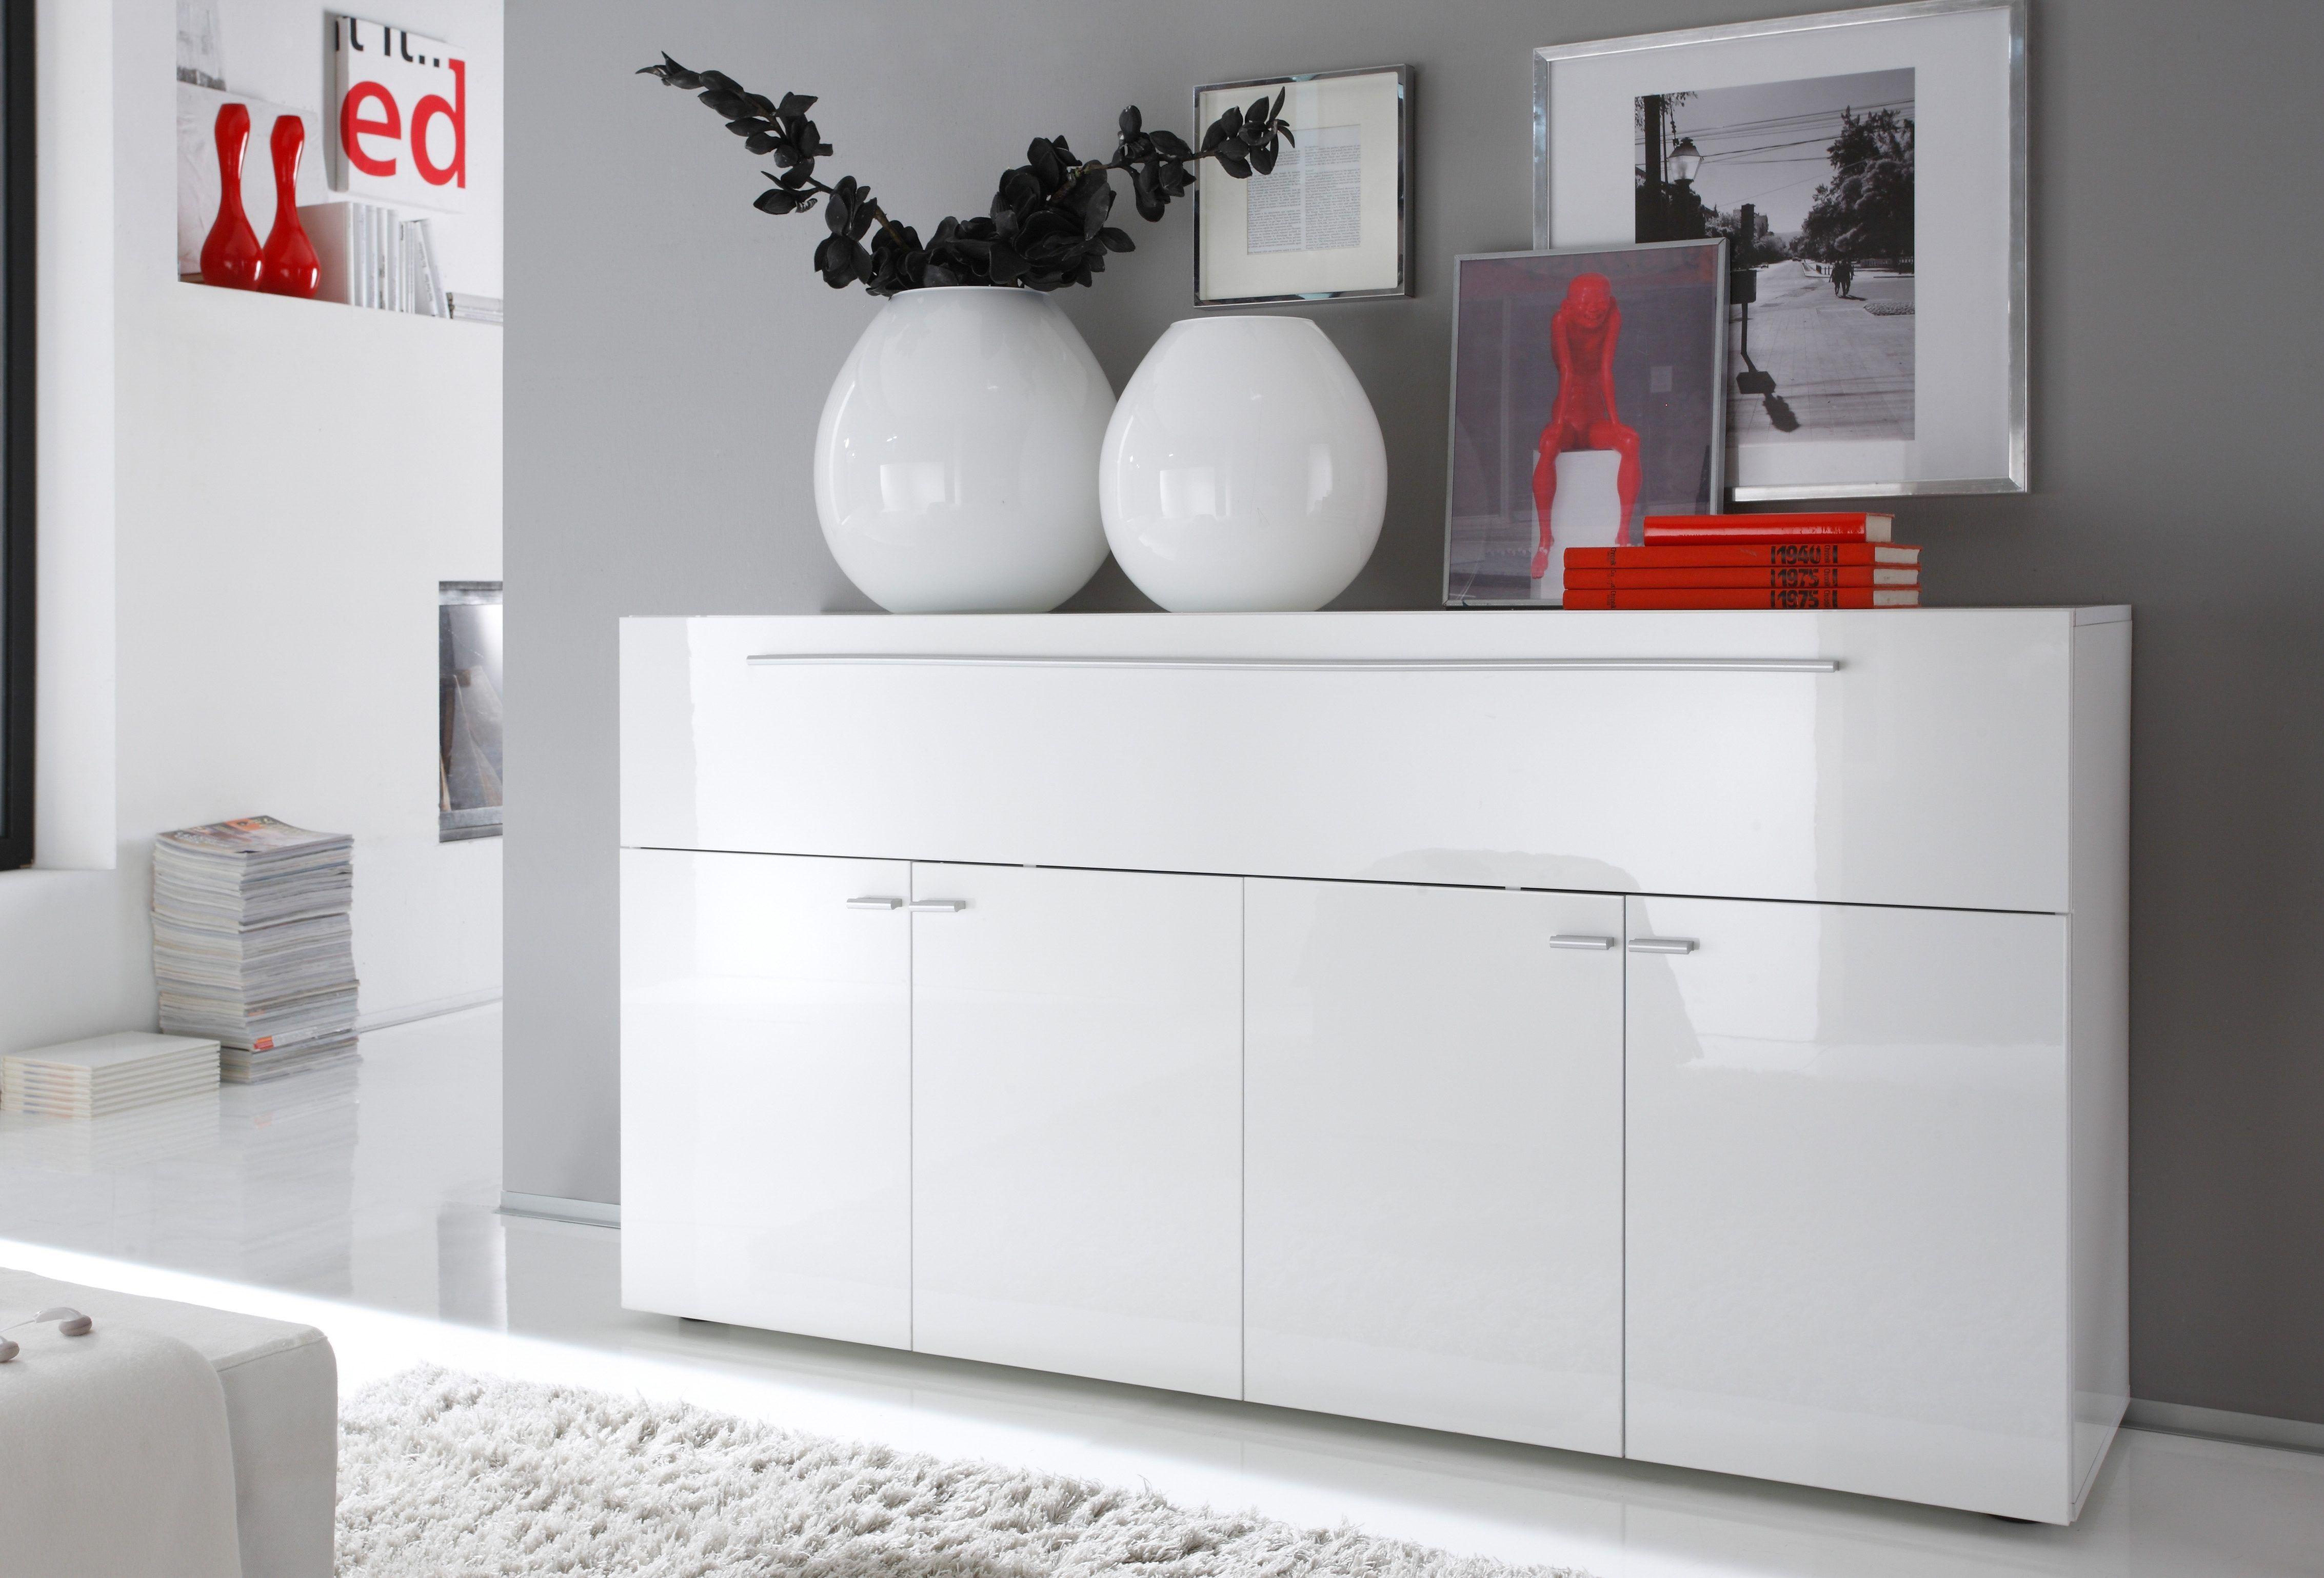 Sideboard Wohnzimmer ~ Lc sideboard weiß ohne aufbauservice hochglanz jetzt bestellen